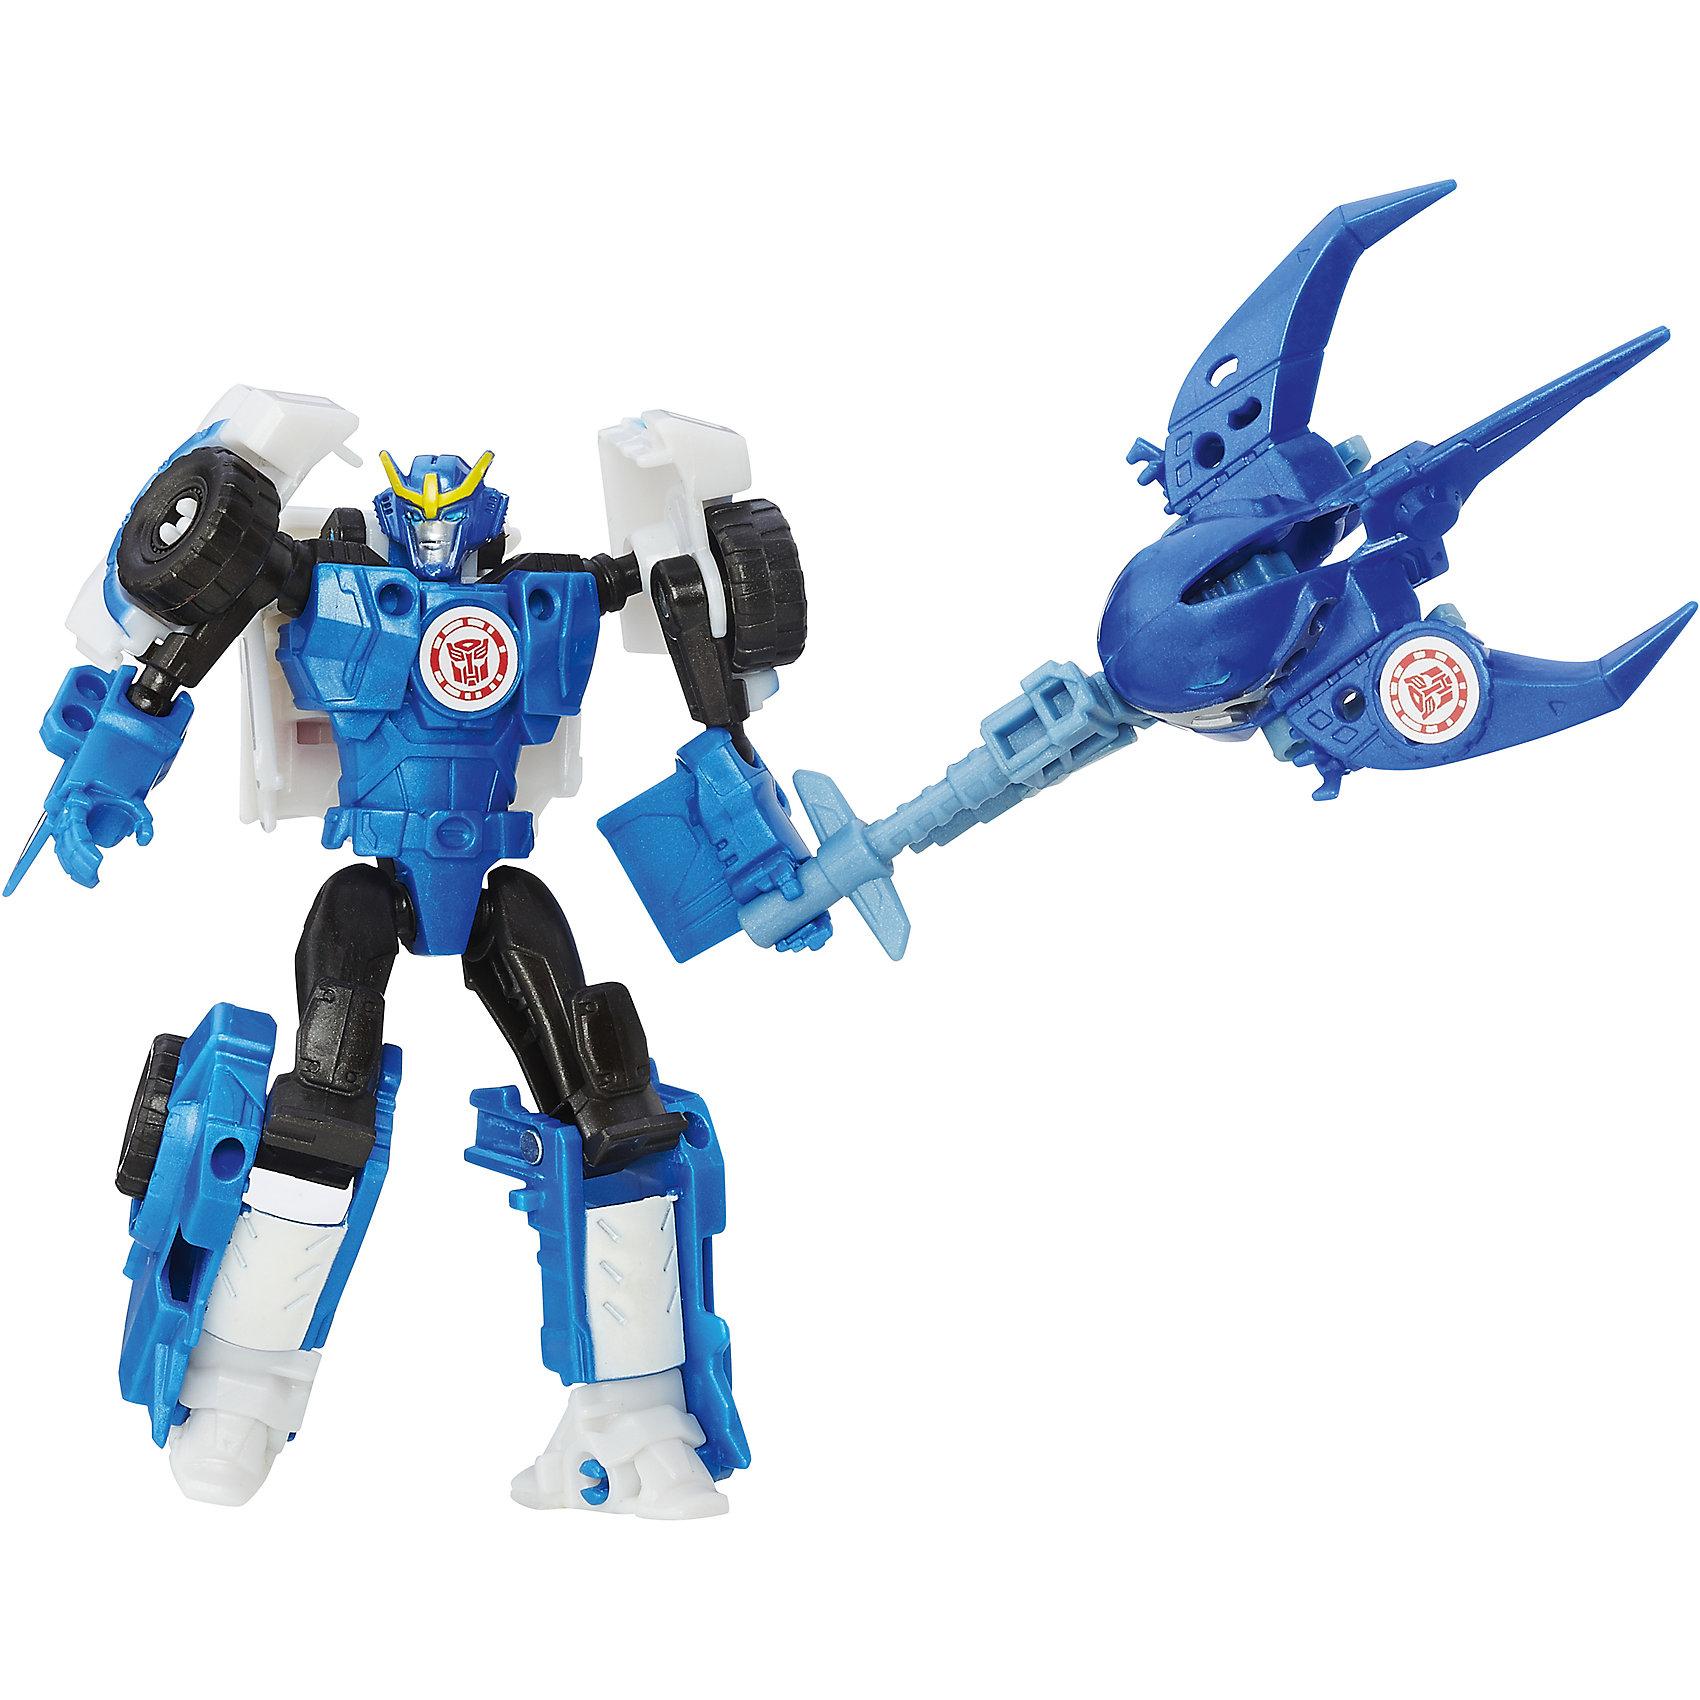 Миниконы Бэтл Пэкс, Роботс-ин-Дисгайс, Трансформеры, B4713/B7676Популярные игрушки<br>Характеристики:<br><br>• Материал: пластик<br>• Комплектация: 2 робота-трансформера, 8 аксессуаров<br>• Высота робота ?11 см, высота мини-кона ?5 см<br>• Трансформируется в гоночную машину за 5 шагов<br>• На игрушке имеется сканируемый жетон<br>• Вес в упаковке: 162 г<br>• Размеры упаковки (Г*Ш*В): 23,2*20,3*5,5 см<br>• Упаковка: блистер на картонной подложке<br><br>Наборы этой коллекции состоят из робота-трансформера, мини-кона и коллекции аксессуаров. Робот этой коллекции за 5 шагов трансформируется в гоночную машину. Фигурки героев выполнены из твердого пластика, устойчивого к повреждениям и трещинам, детали окрашены нетоксичной краской без запаха. Робот выполнен с высокой степенью достоверности и соответствия облику своего экранного прототипа.<br><br>Миникона Бэтл Пэкс, Роботс-ин-Дисгайс, Трансформеры, B4713/B7676 можно купить в нашем интернет-магазине.<br><br>Ширина мм: 232<br>Глубина мм: 203<br>Высота мм: 55<br>Вес г: 162<br>Возраст от месяцев: 48<br>Возраст до месяцев: 96<br>Пол: Мужской<br>Возраст: Детский<br>SKU: 5489046